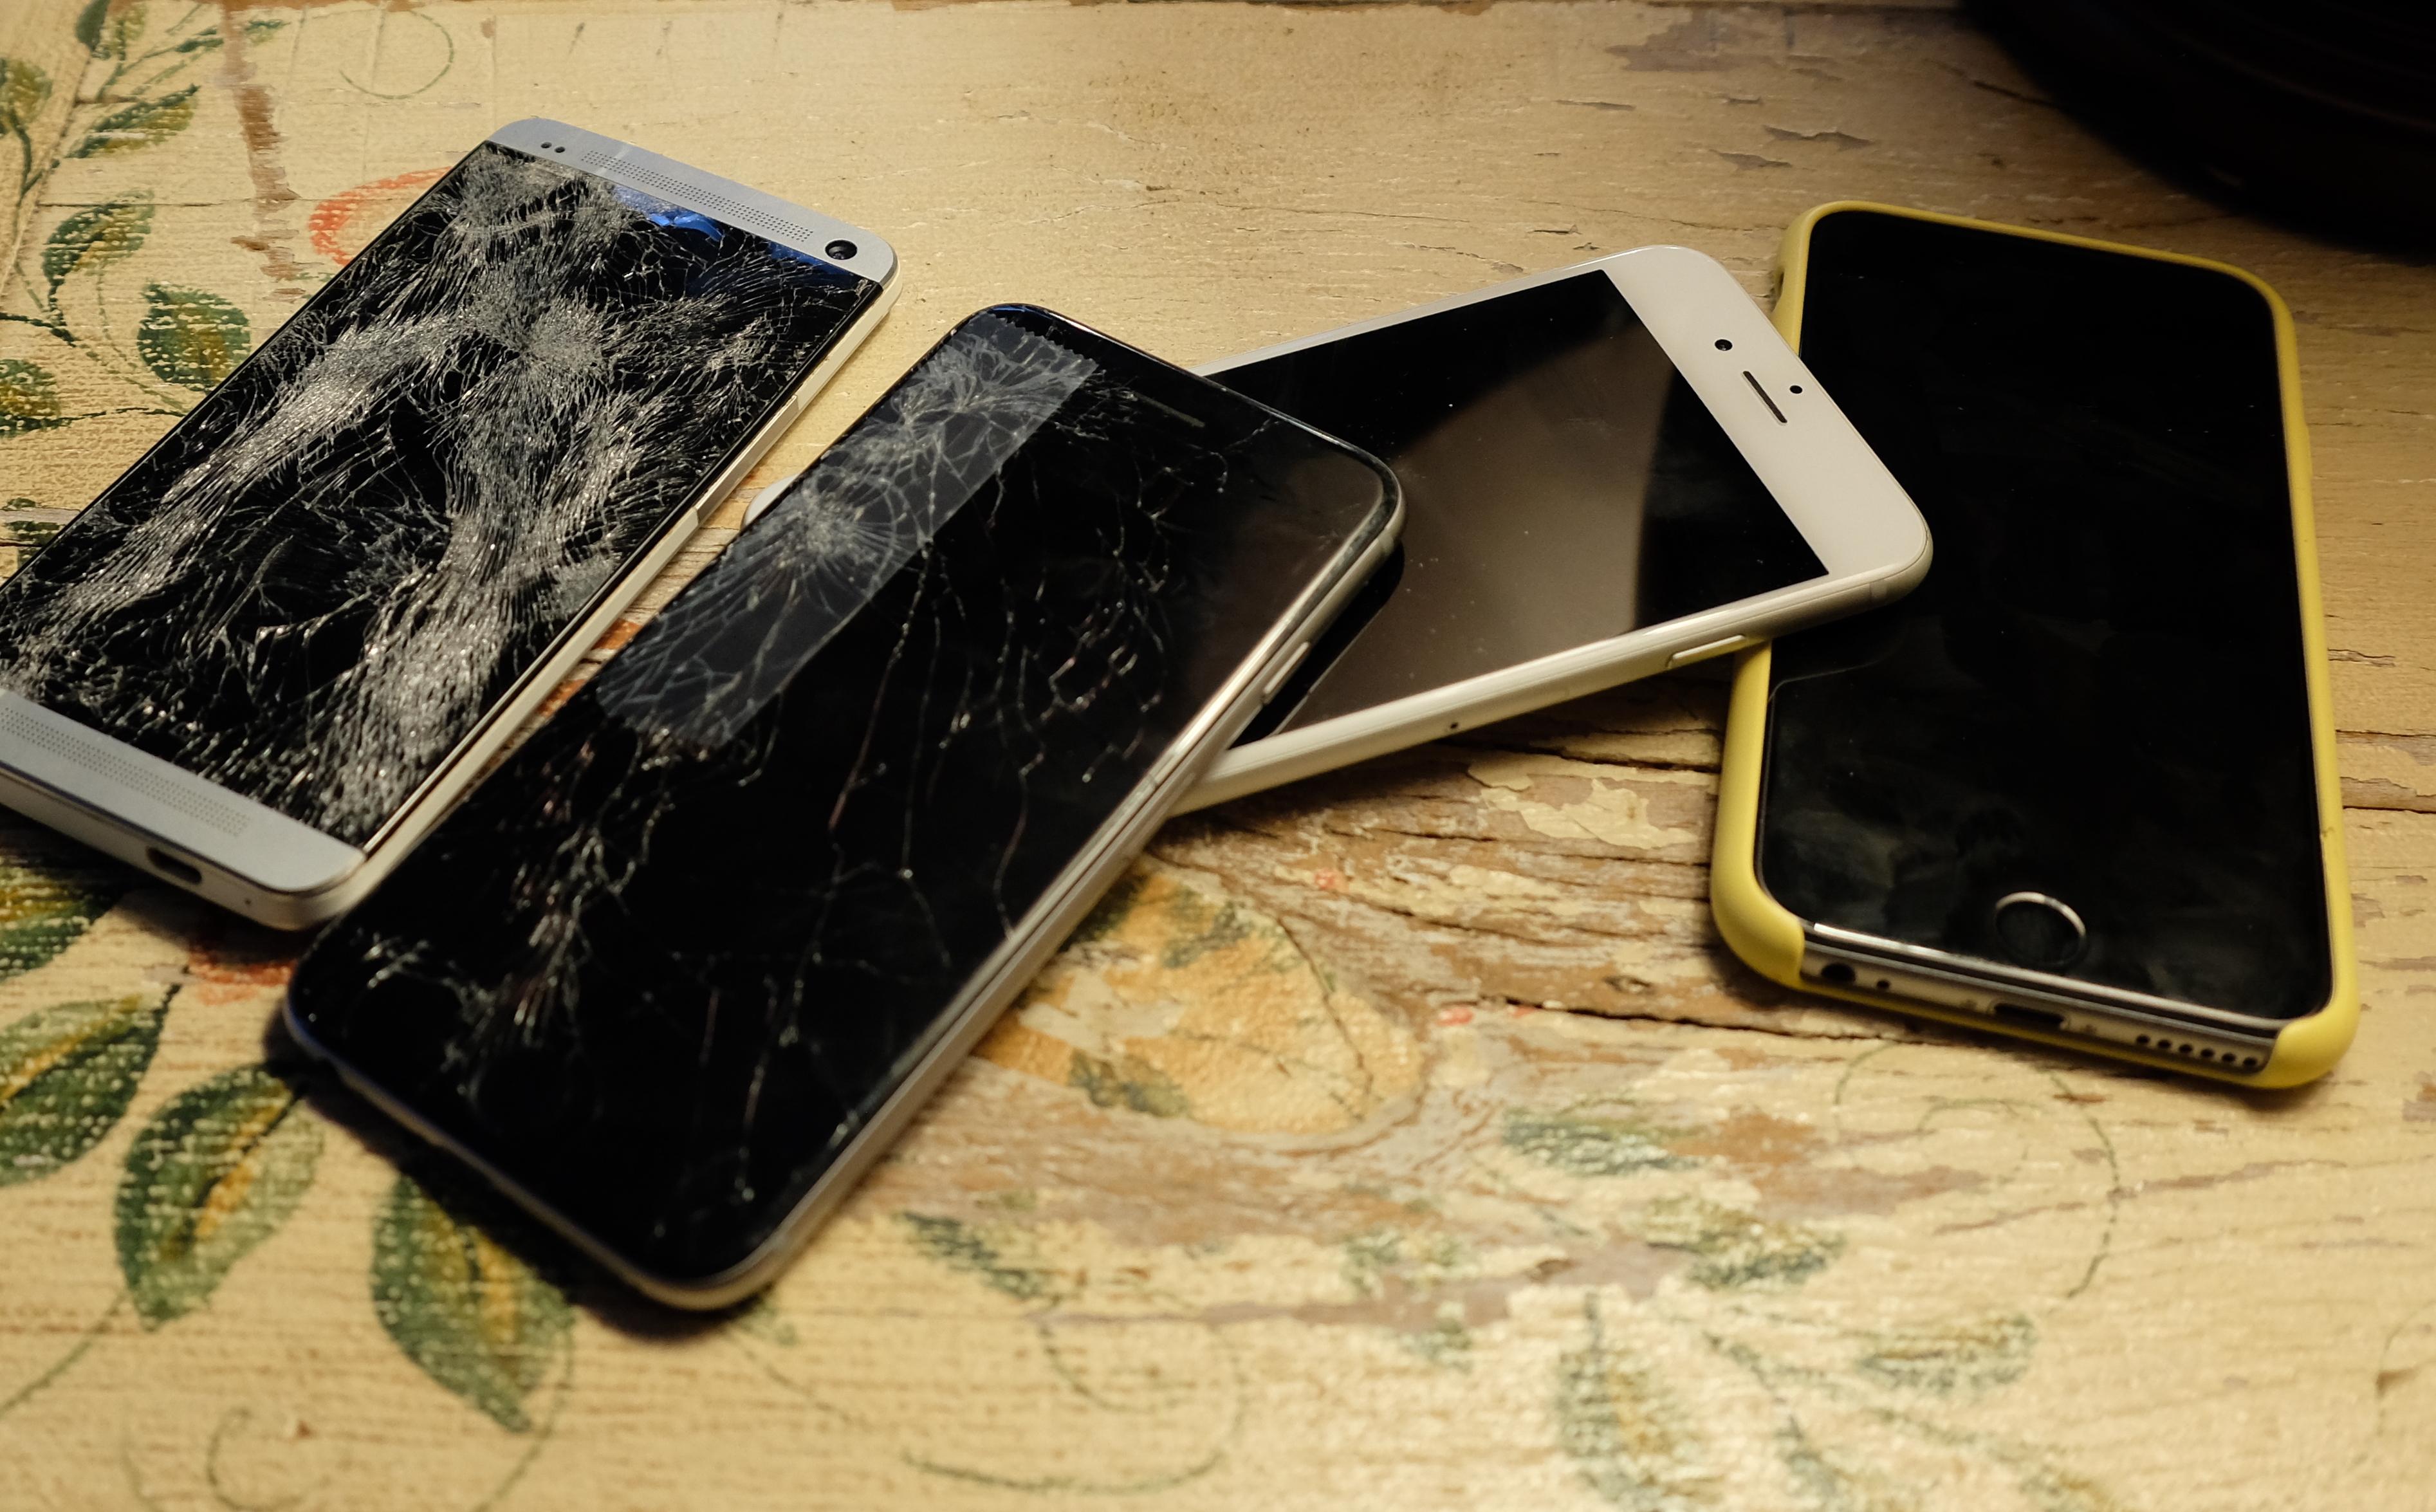 Pile of broken smartphones